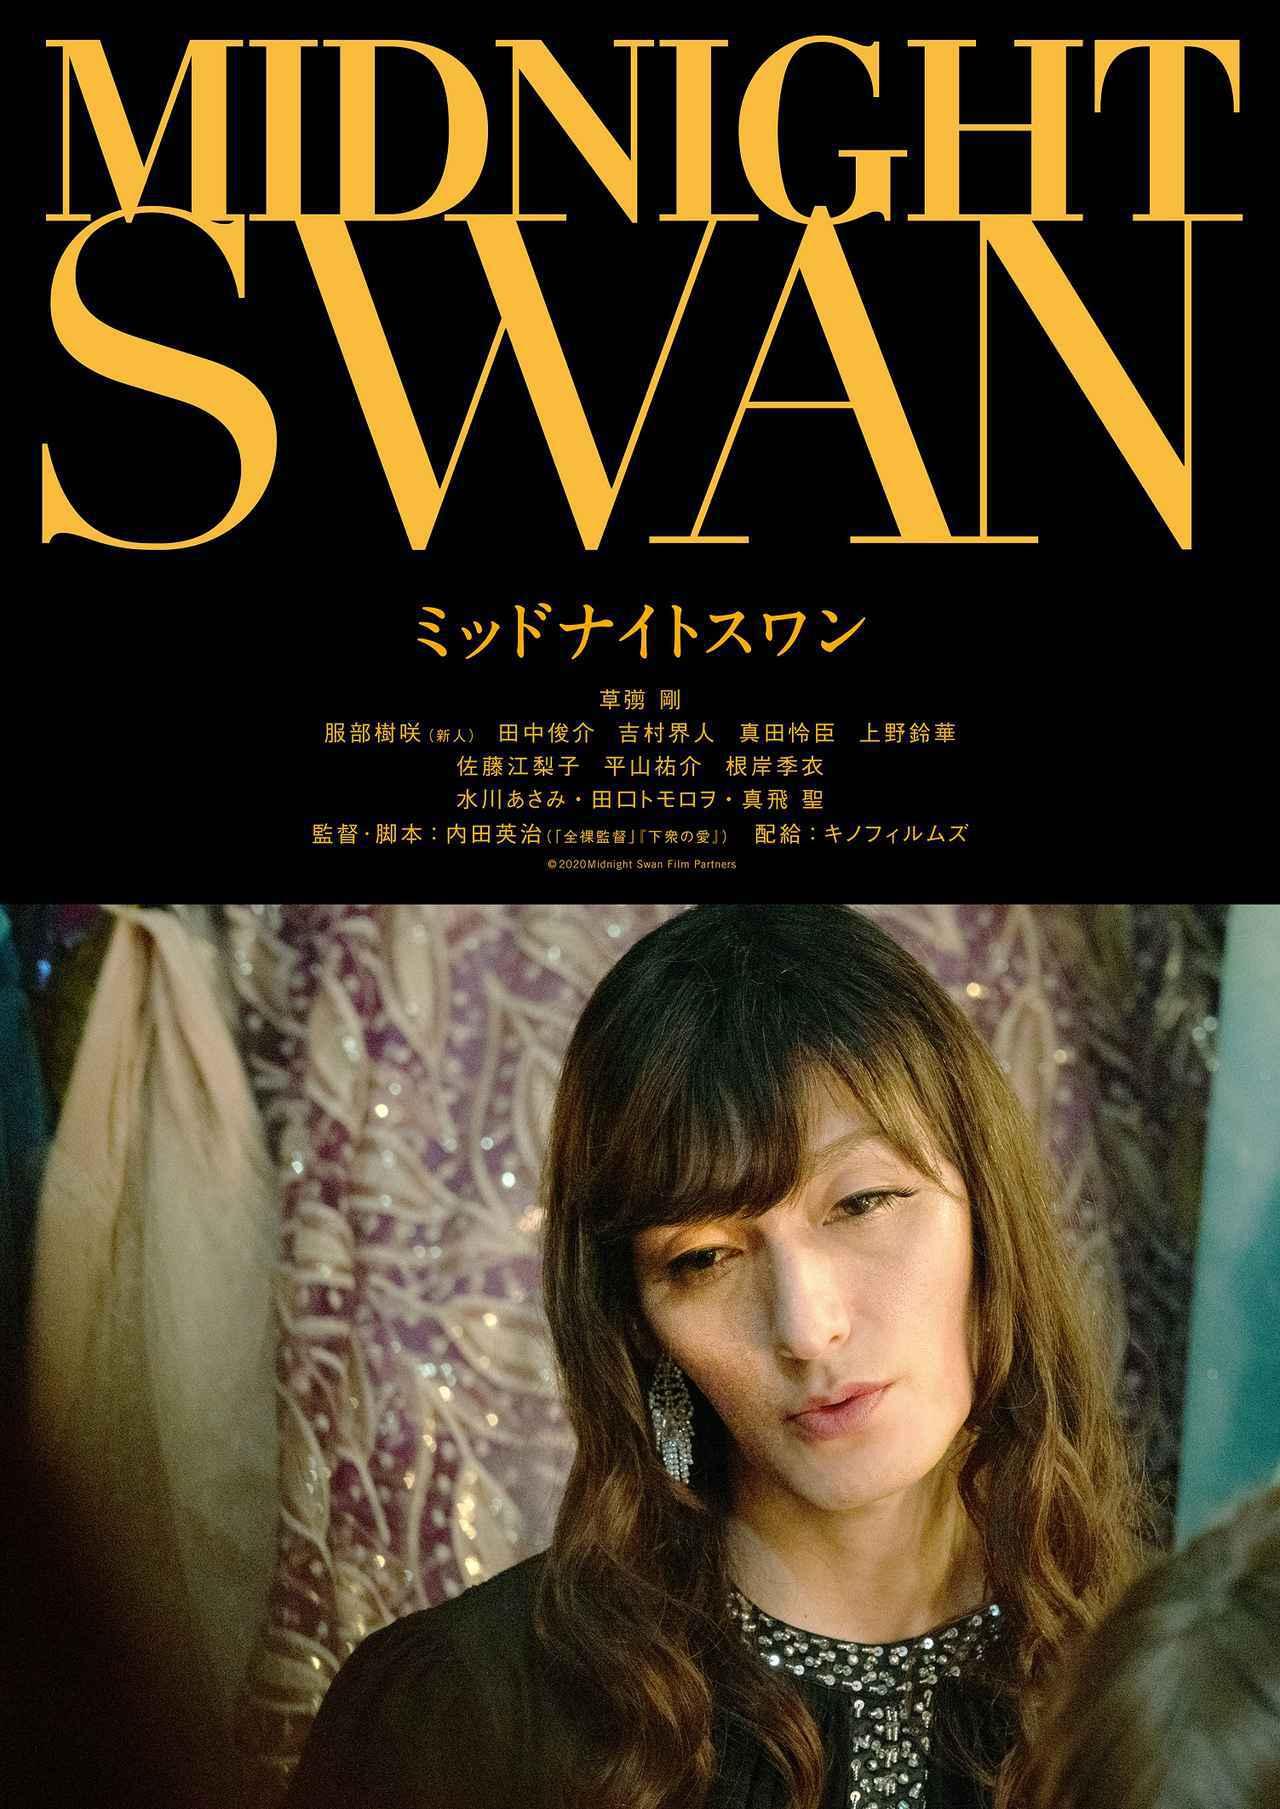 画像1: ©2020Midnight Swan Film Partners